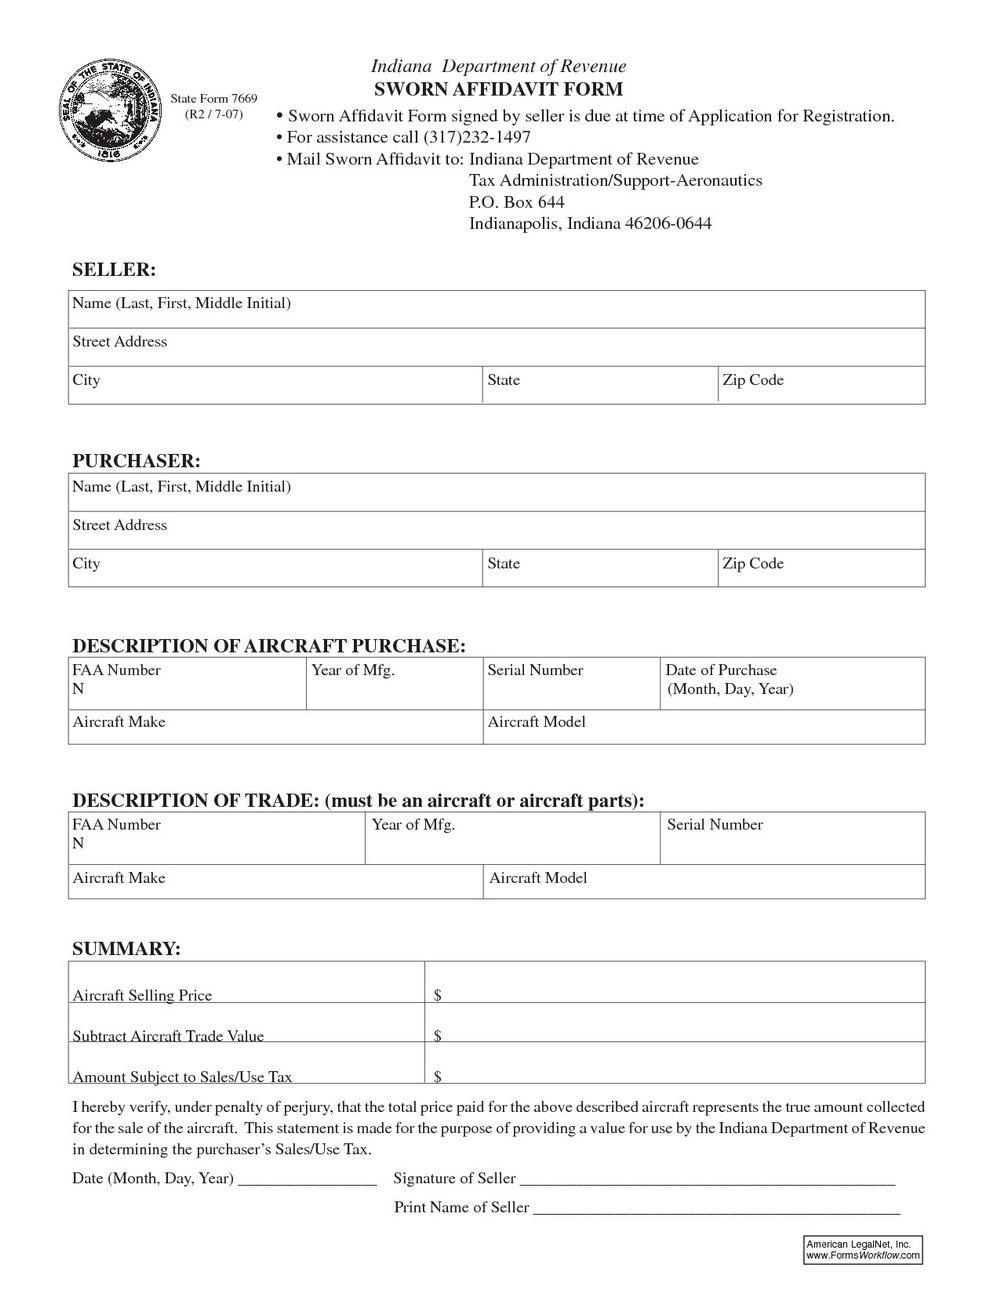 Blank Affidavit Form Australia